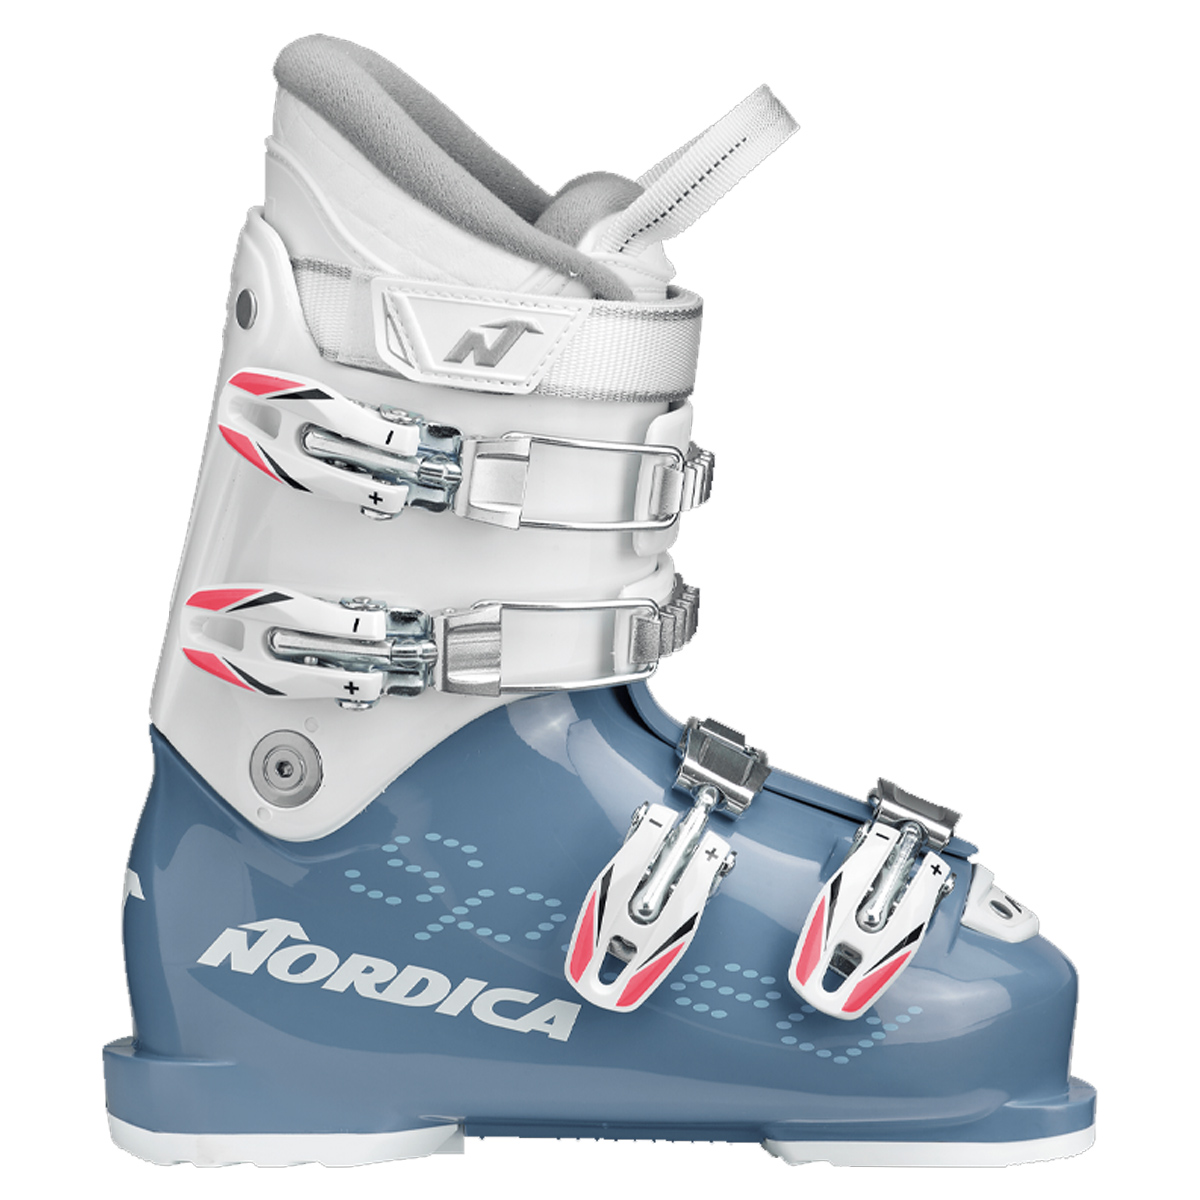 Scarponi sci Nordica Speedmachine J 4 girl (Colore: light blue-white, Taglia: 20)